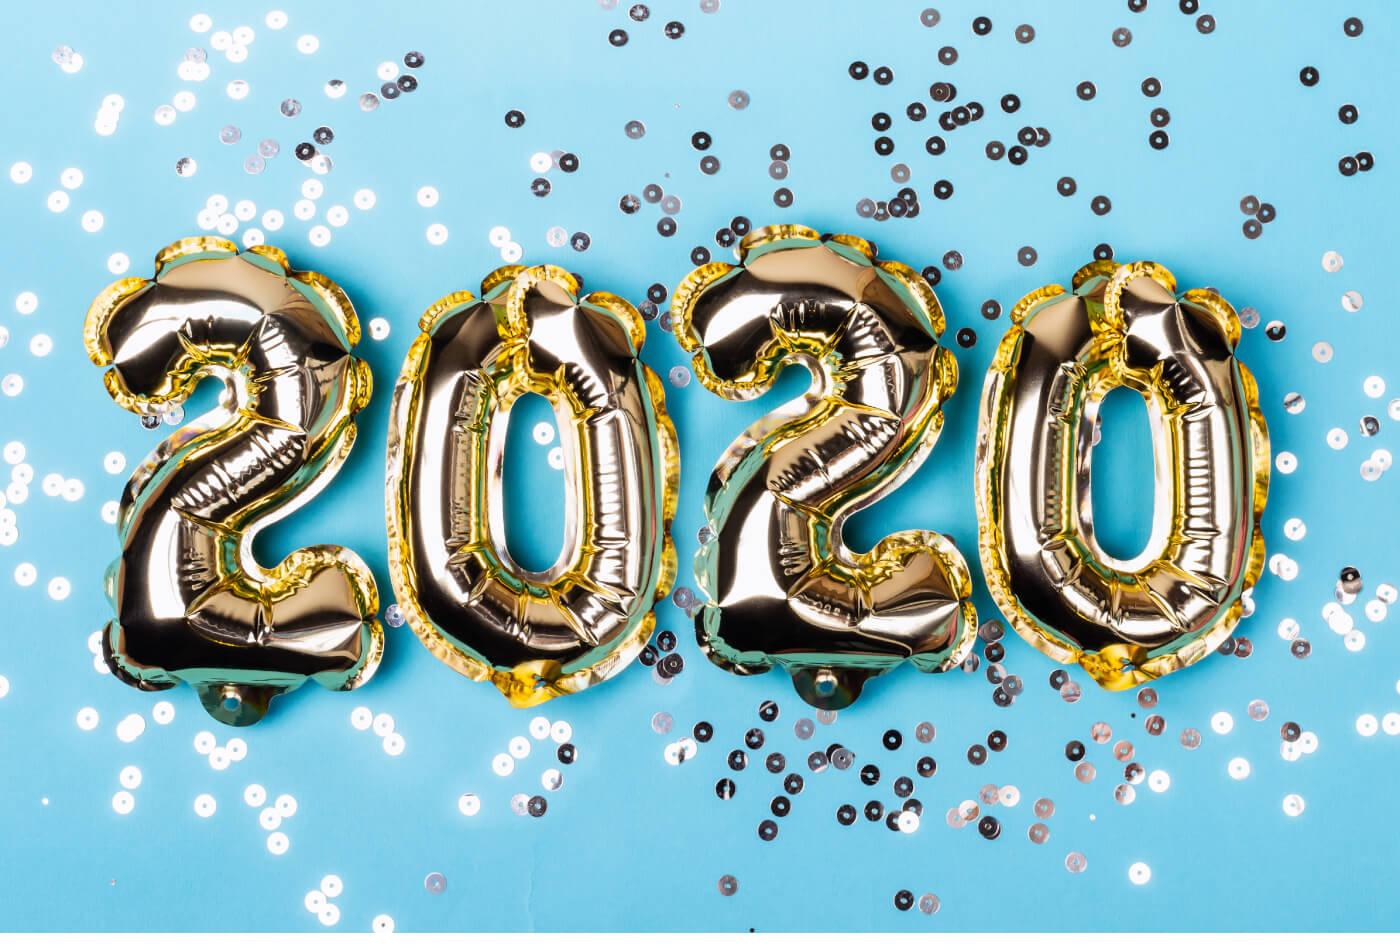 2020 balloon